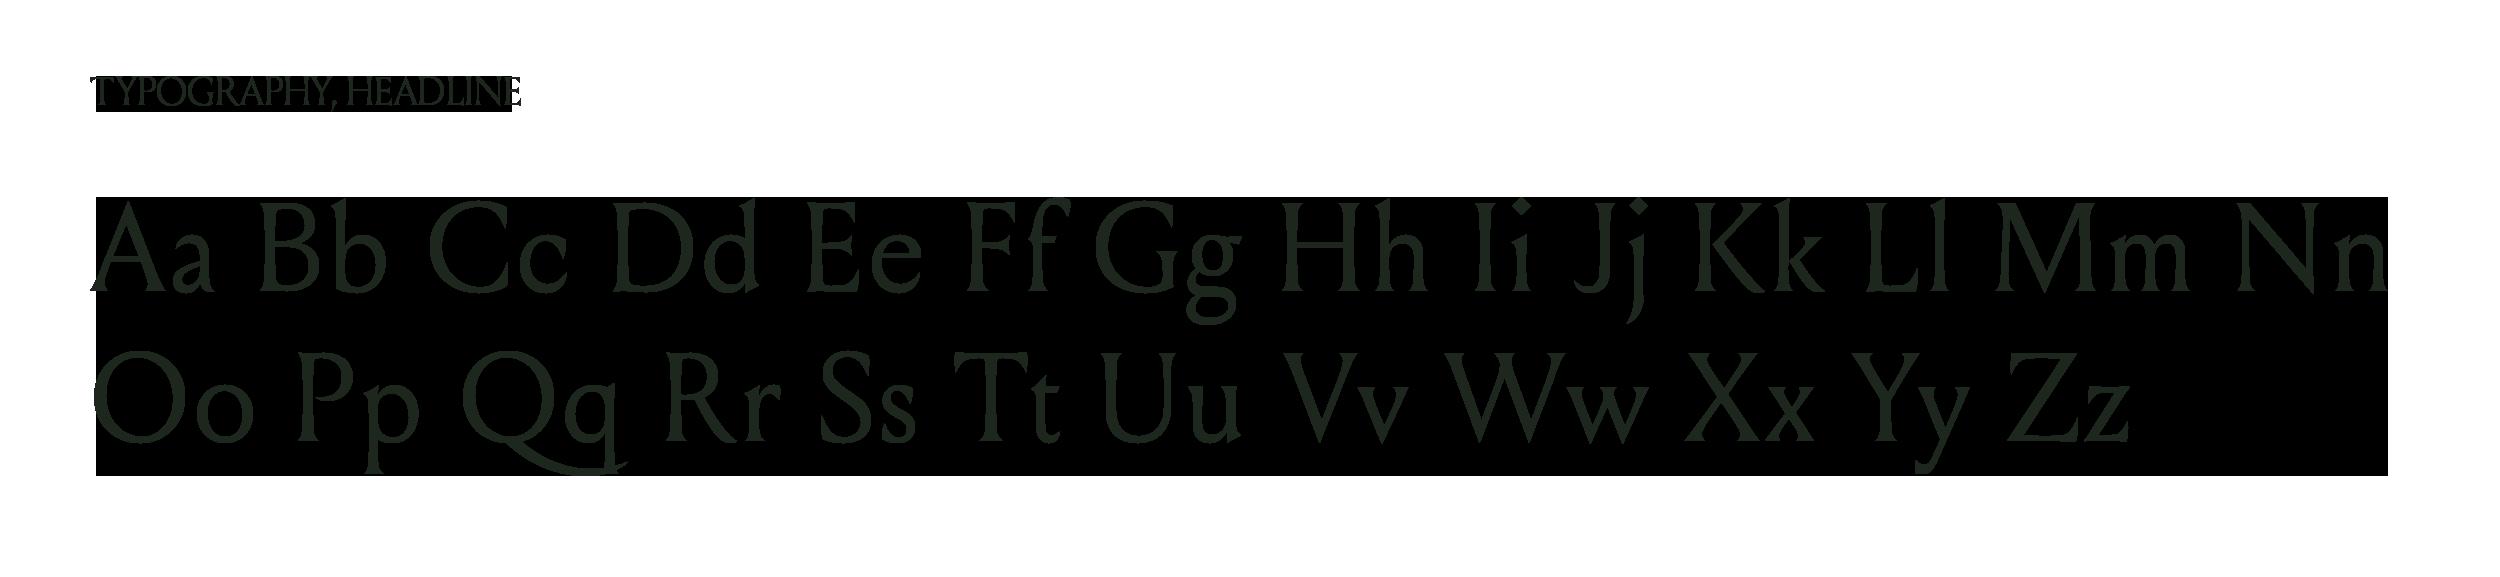 LogoType_04.png